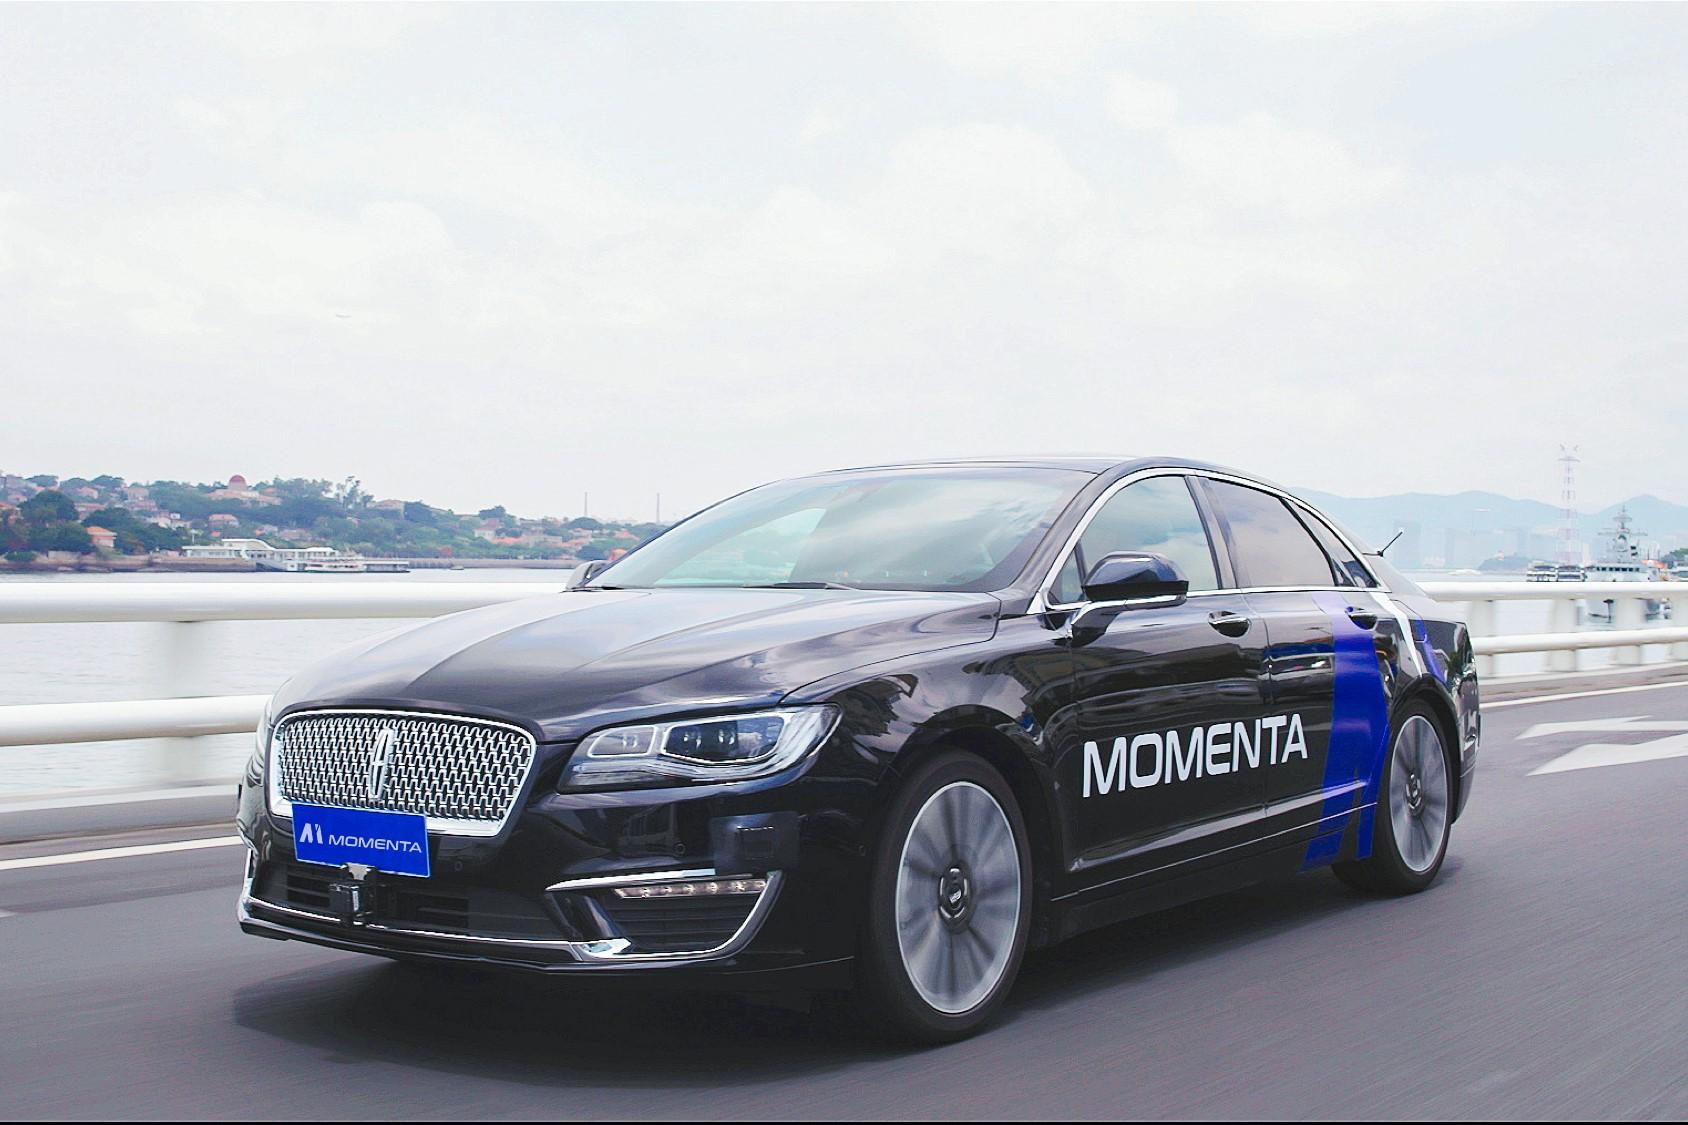 通用向中国自动驾驶公司Momenta投资3亿美元